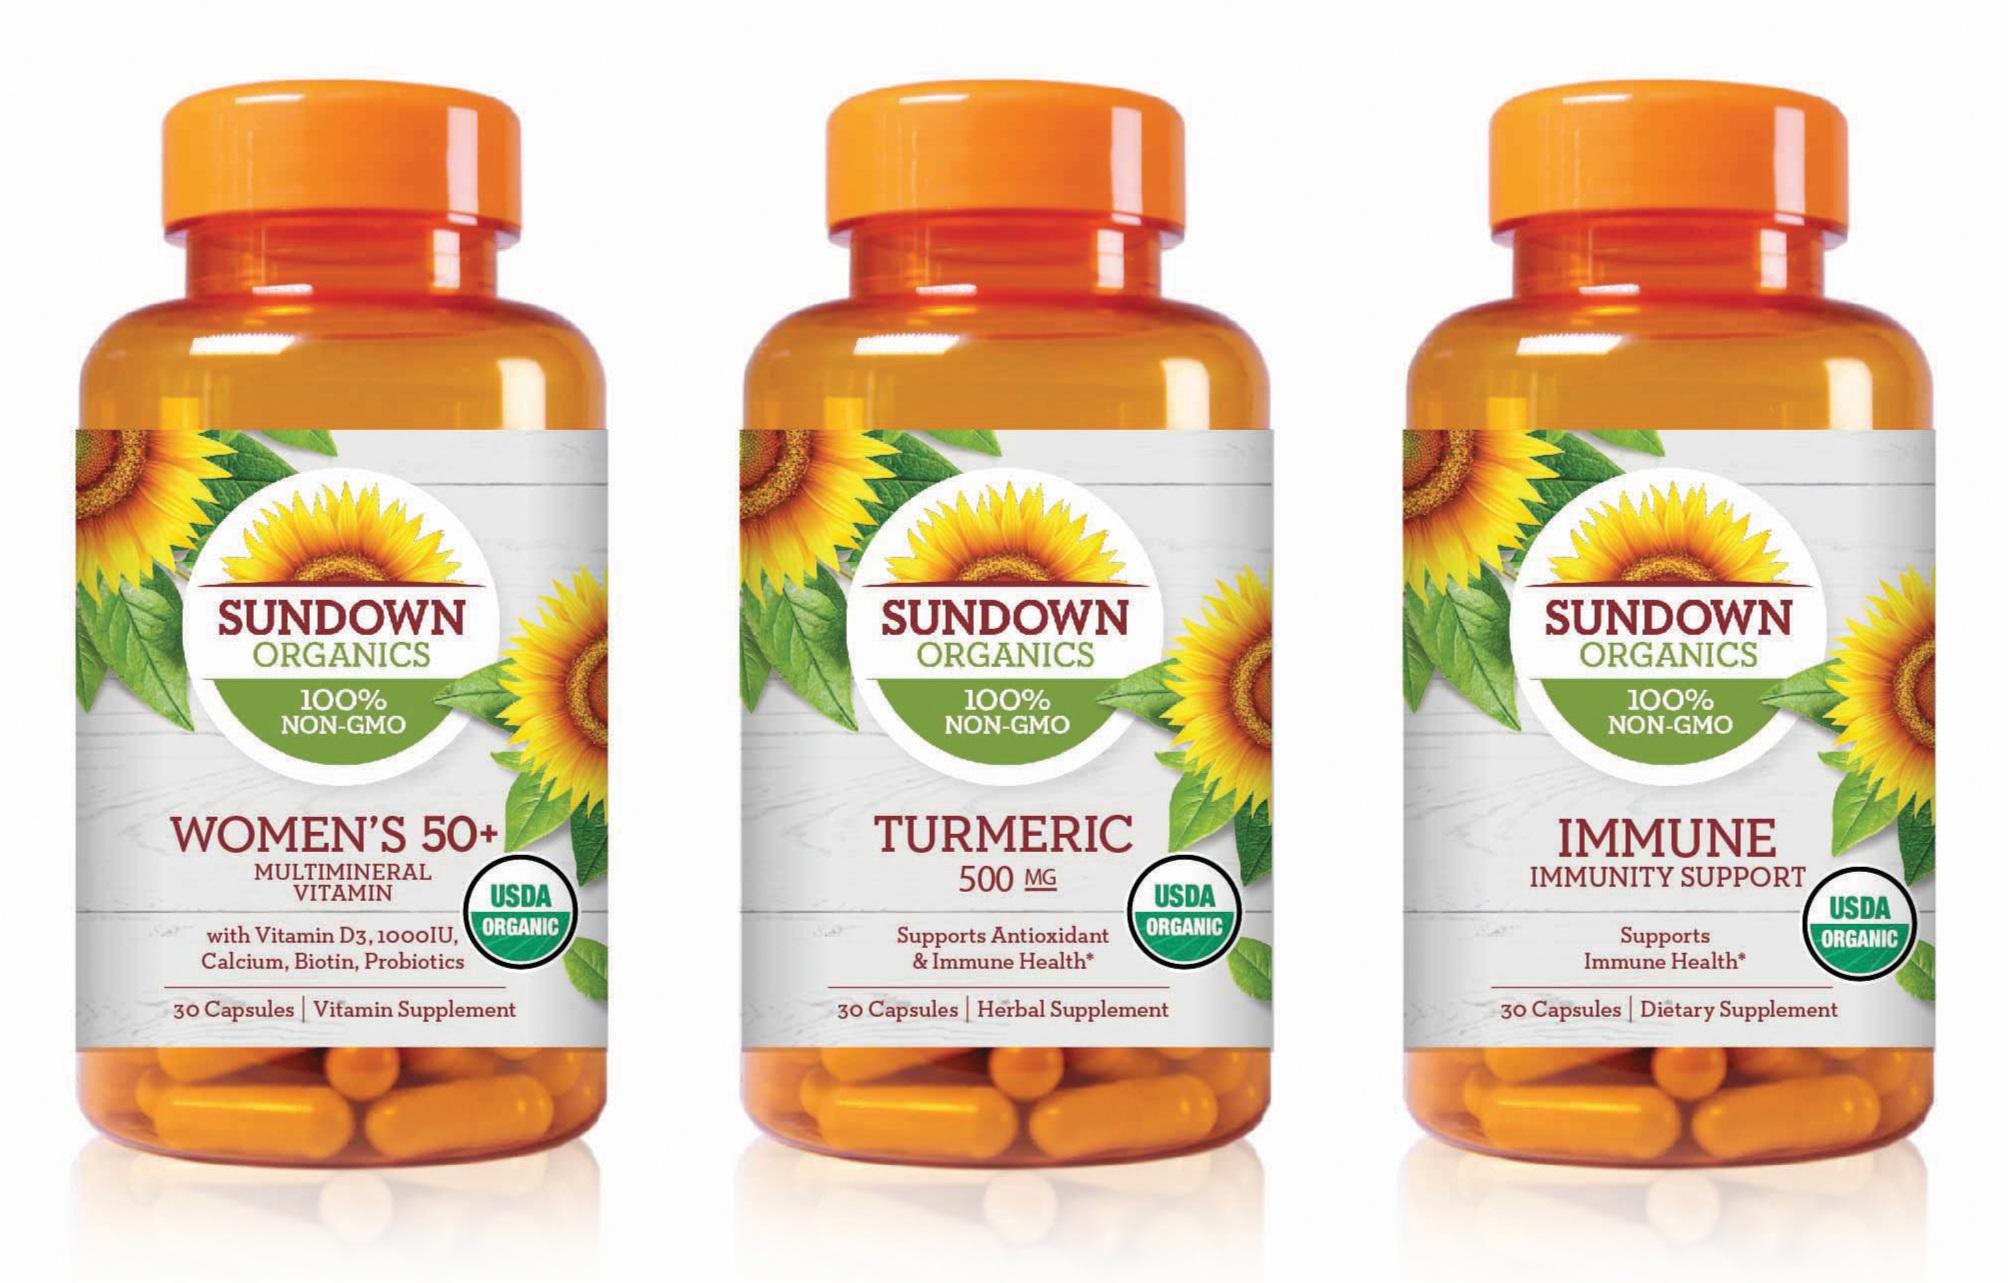 Sundown+Organics+Bottles+3.jpg